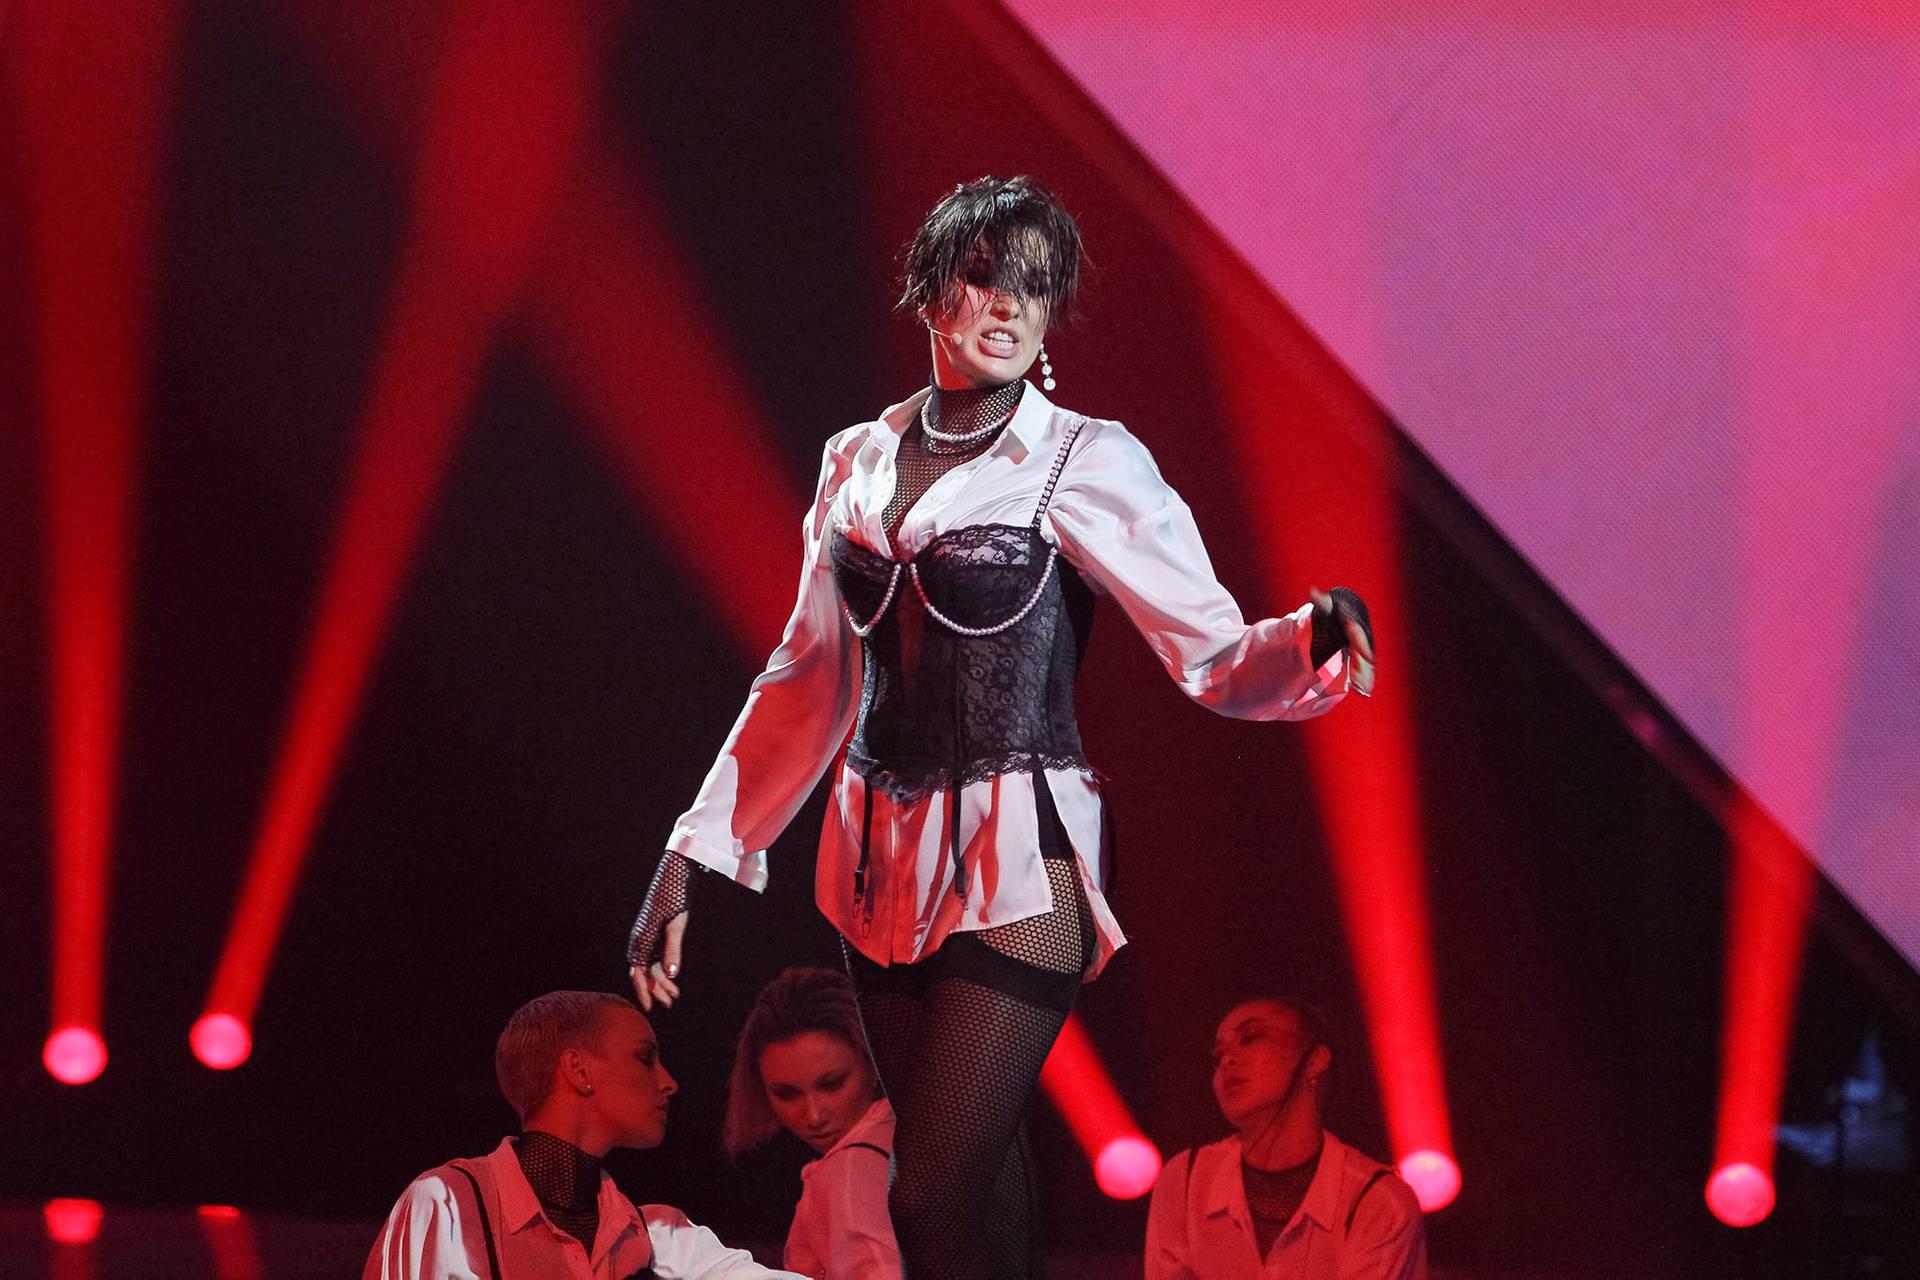 Співачка Maruv (Ганна Корсун) під час фіналу національного відбору на пісенний конкурс Євробачення, Київ, 23 лютого 2019 року